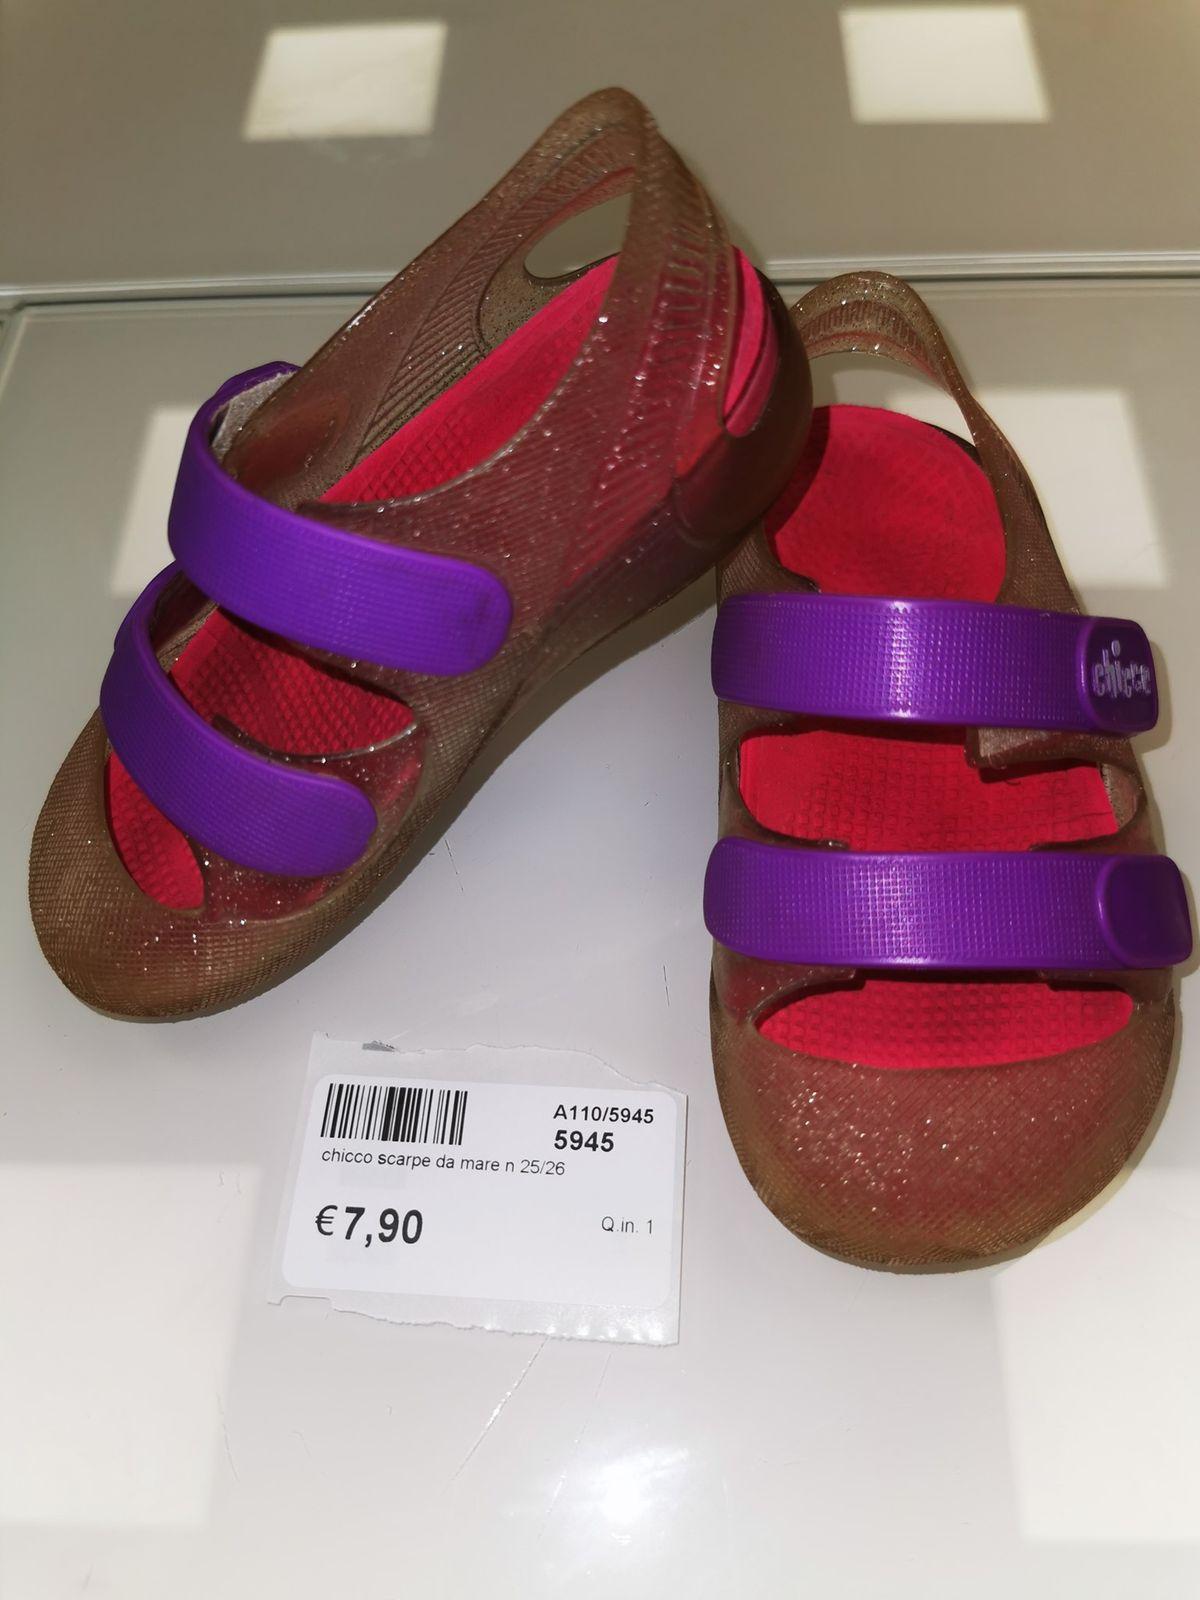 Chicco sandalino da mare codice 5945 Numero 22/23 Euro 7,90